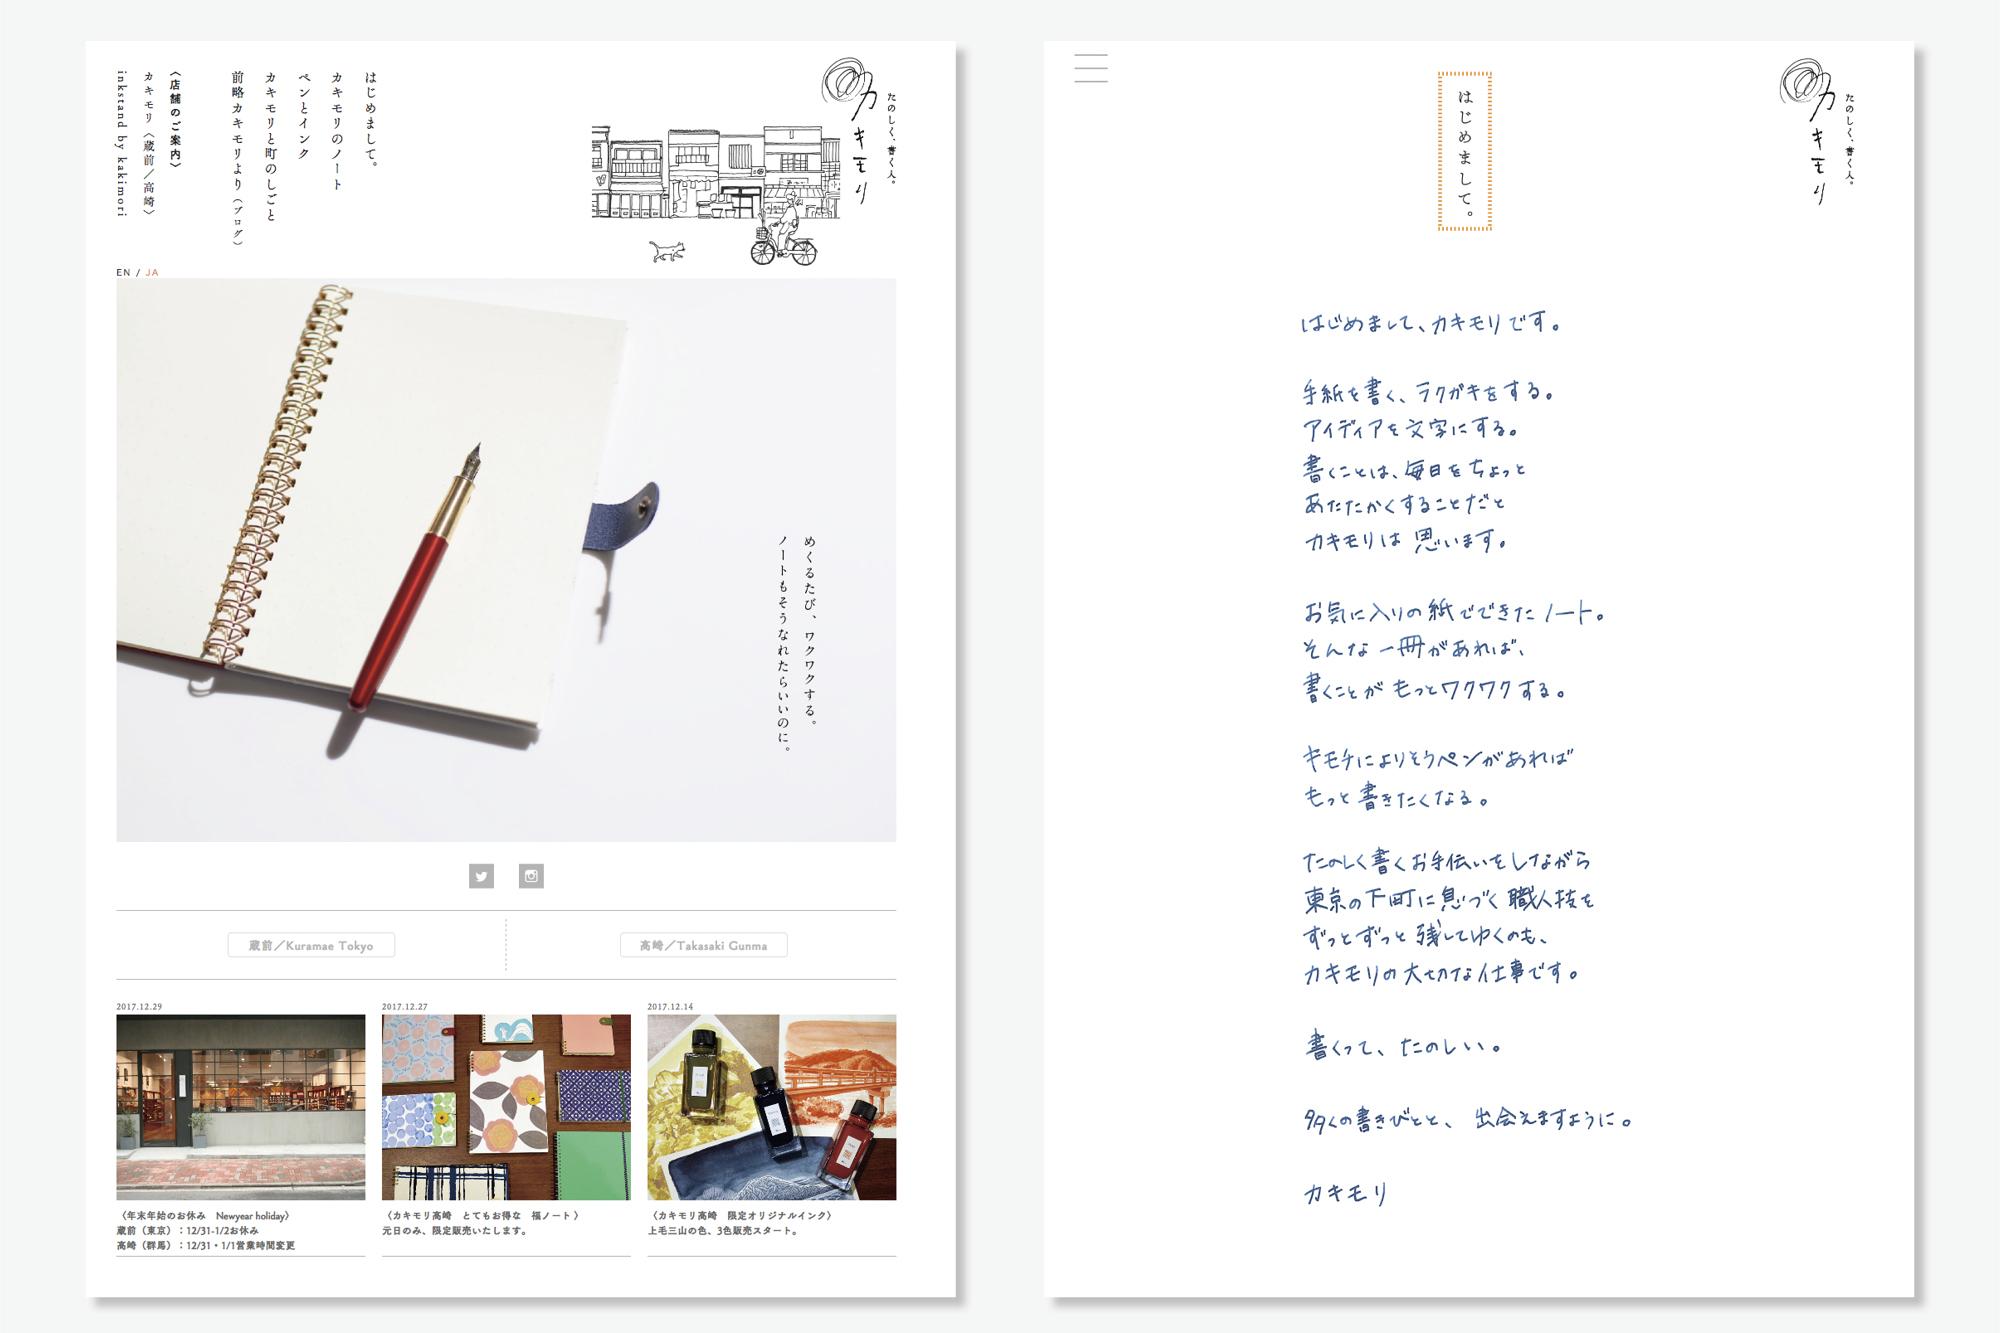 カキモリ コンテンツデザイン 1